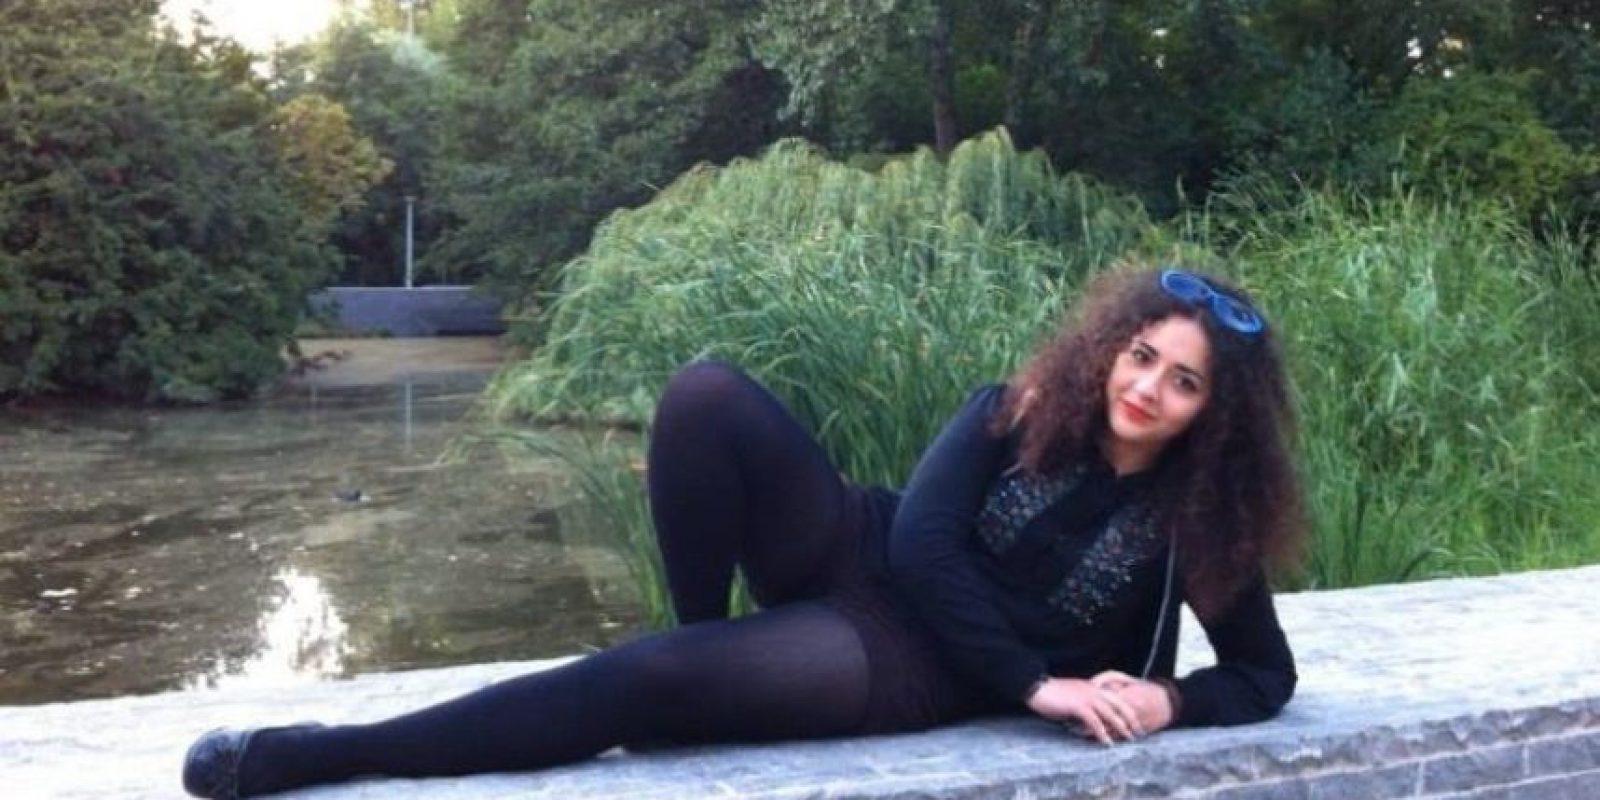 """Nadie debe avergonzarse de su cuerpo al natural (…) Sueño con el día en que pueda caminar en verano en pantalones cortos, sin tener conciencia de que los demás me juzguen"""", dijo Yasmin Gasimova. Foto:vía Facebook/Yasmin Gasimova"""